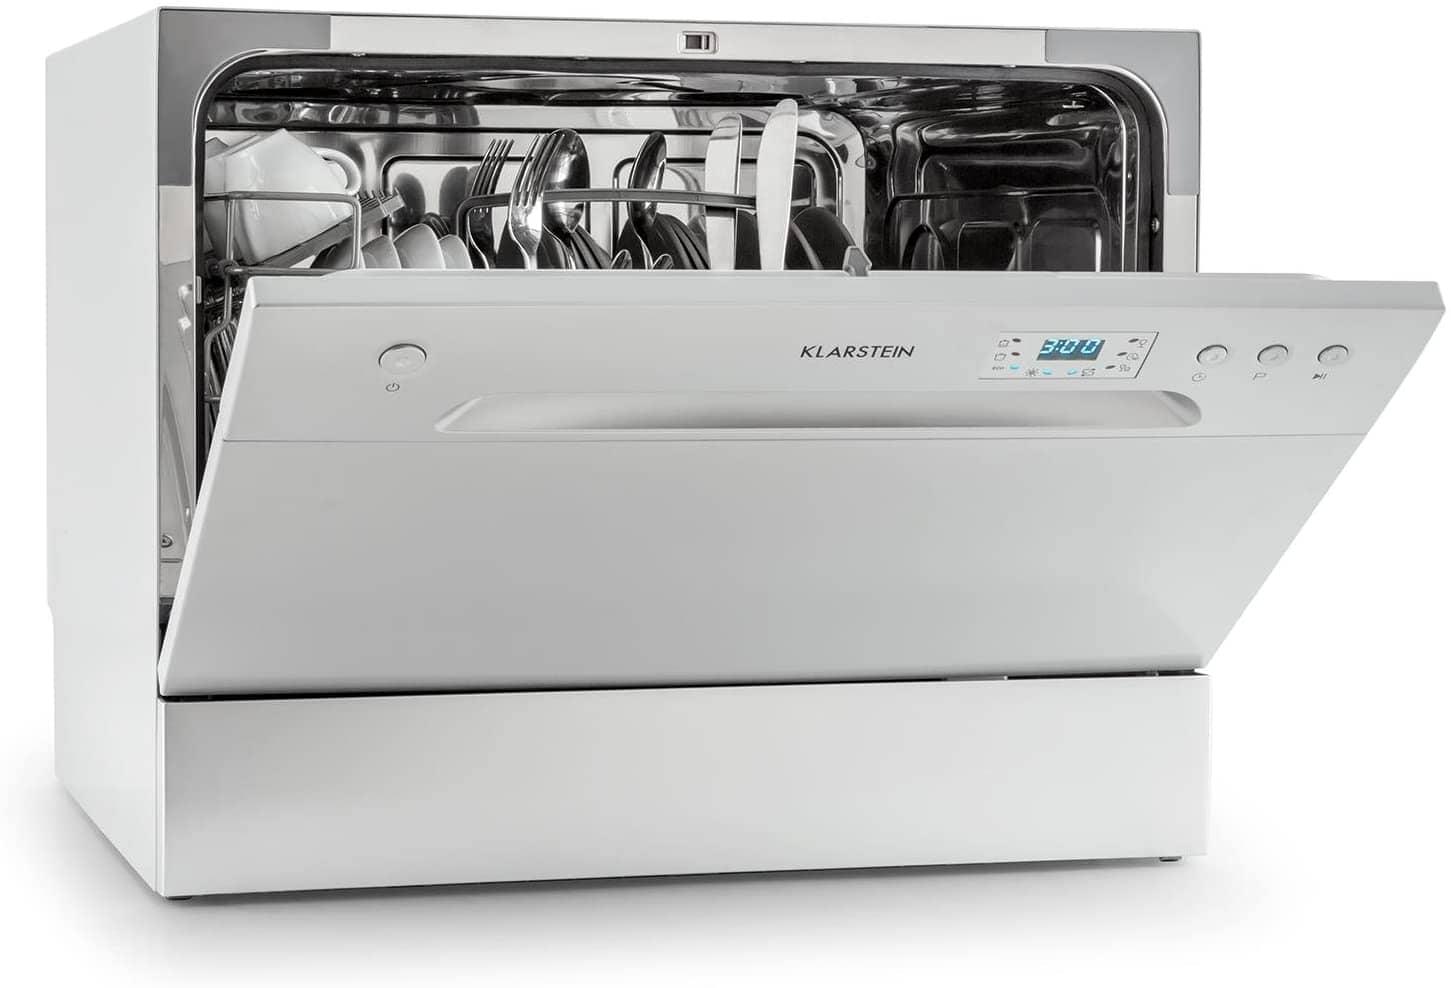 lavavajillas-compacto-karstein-amazonia-6.jpg